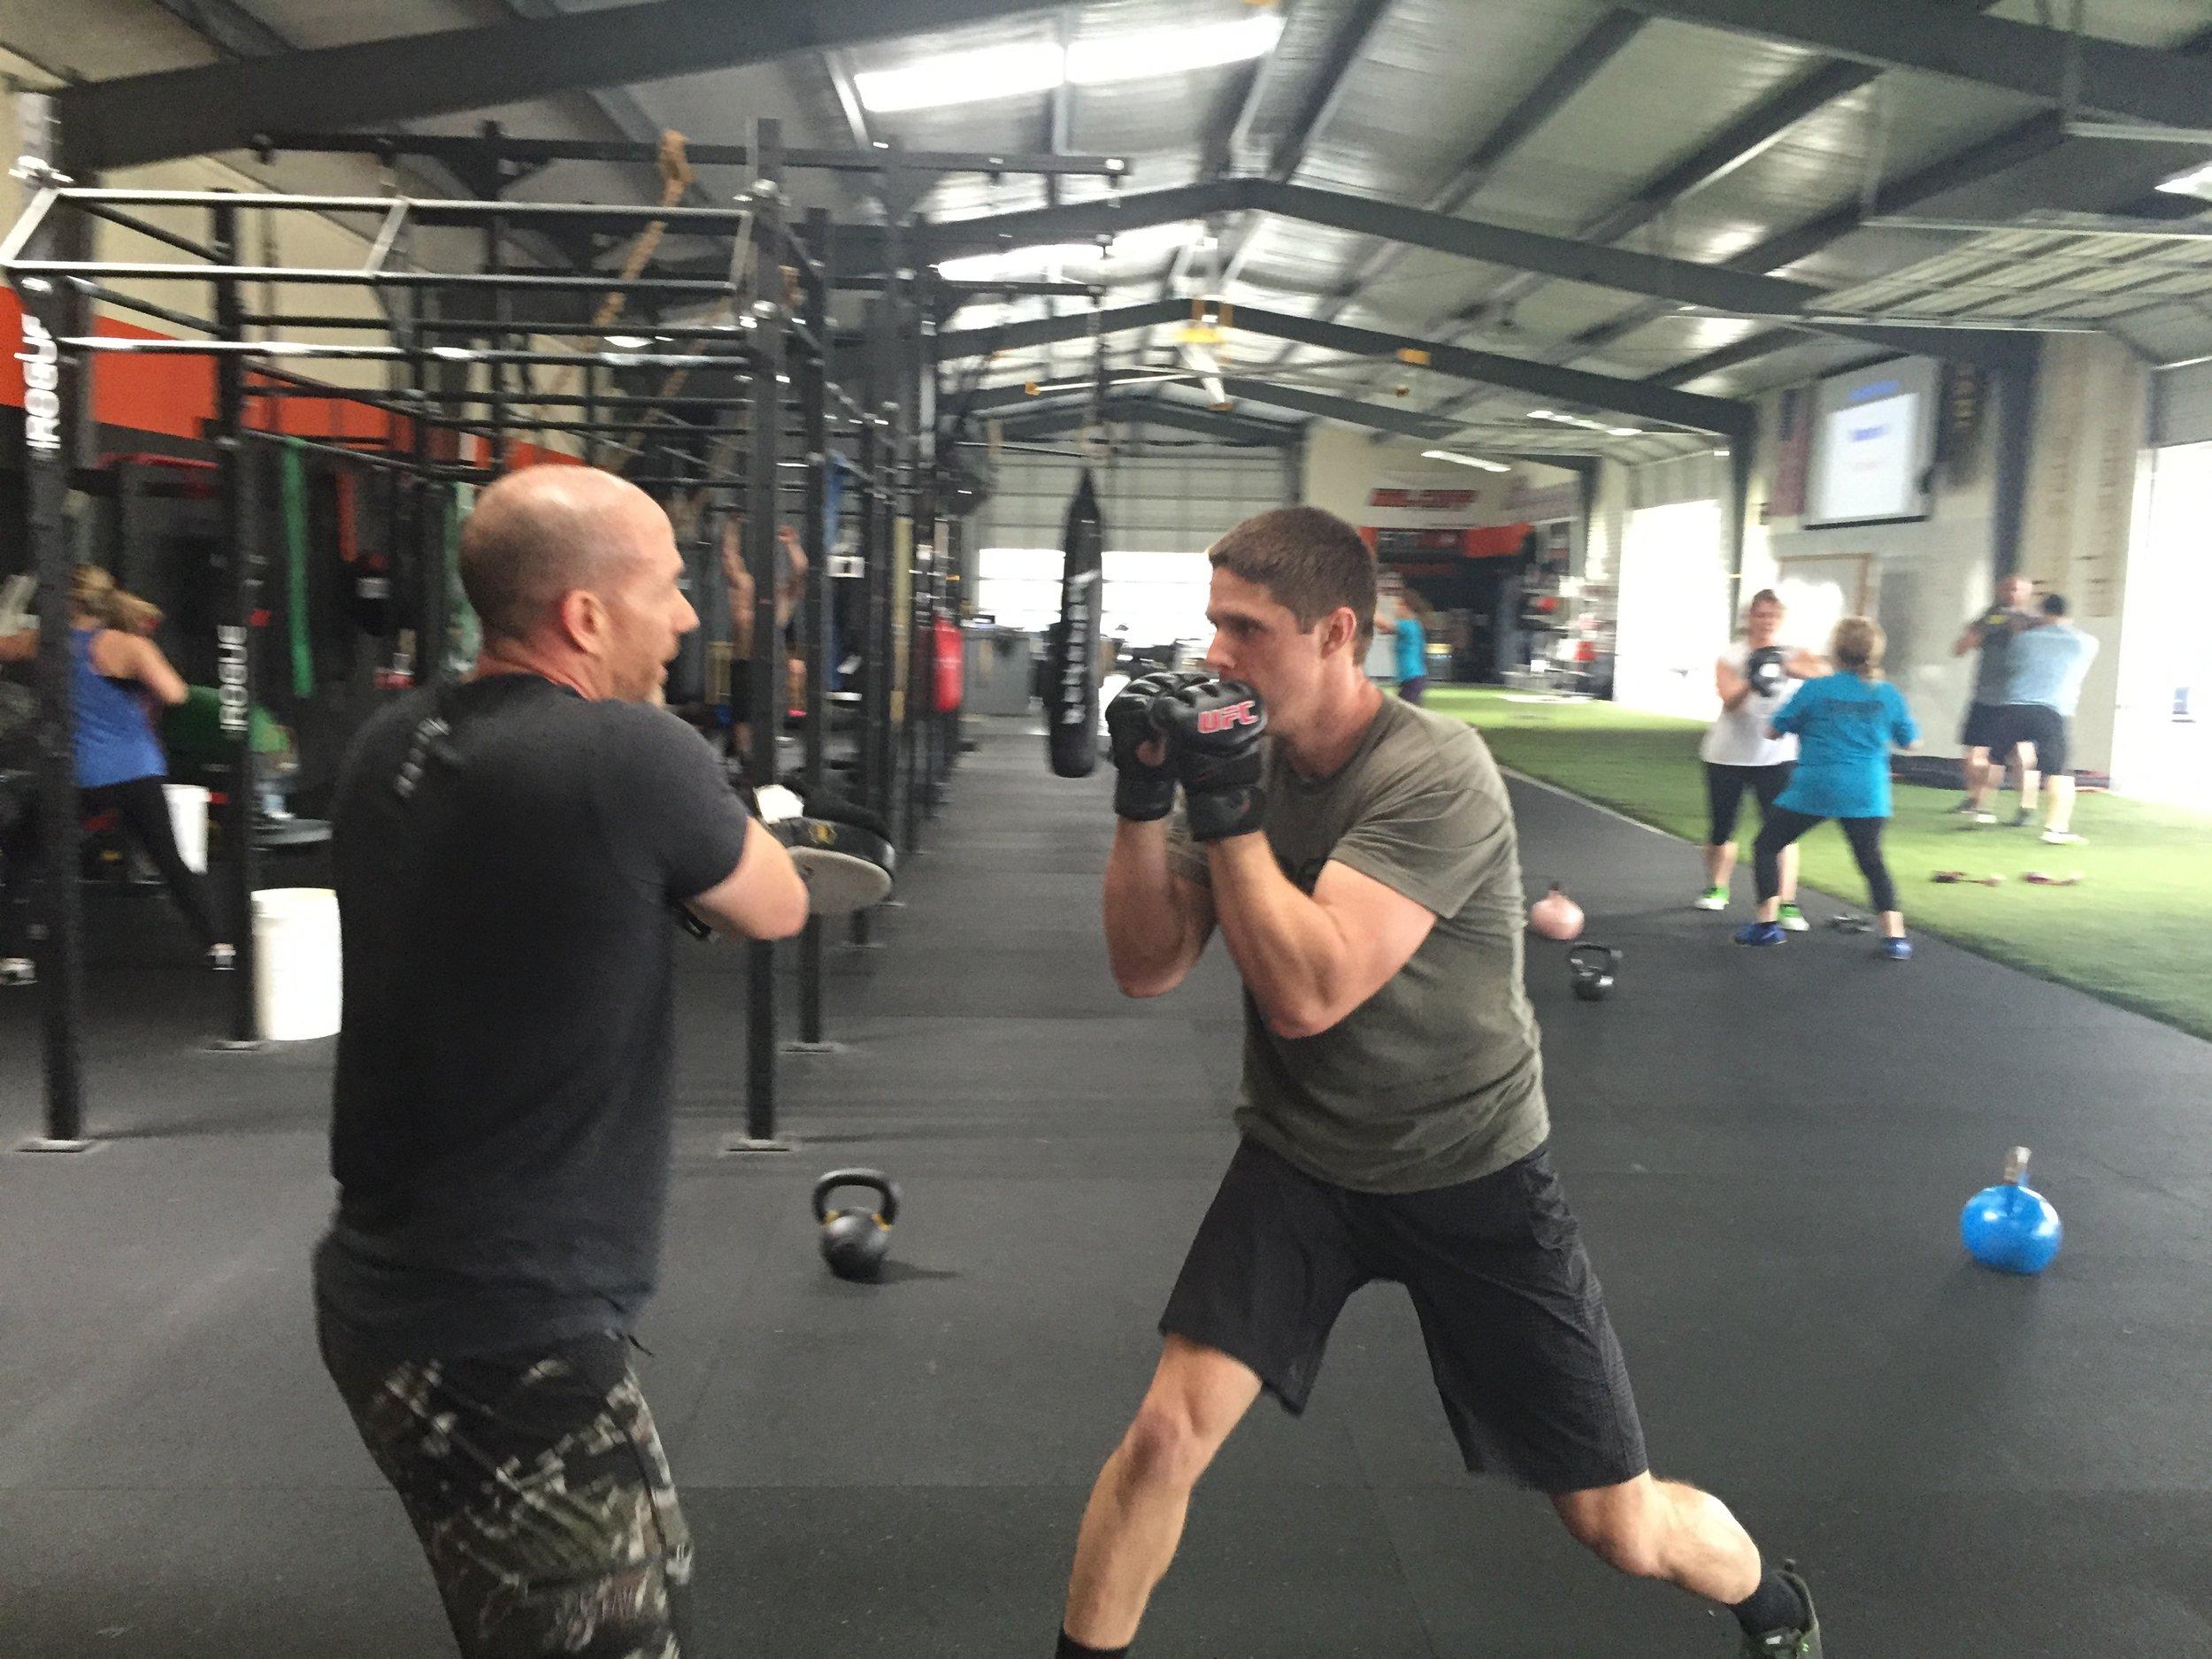 Brian Boggs, L1, Self-Defense, Striking, Paramedic